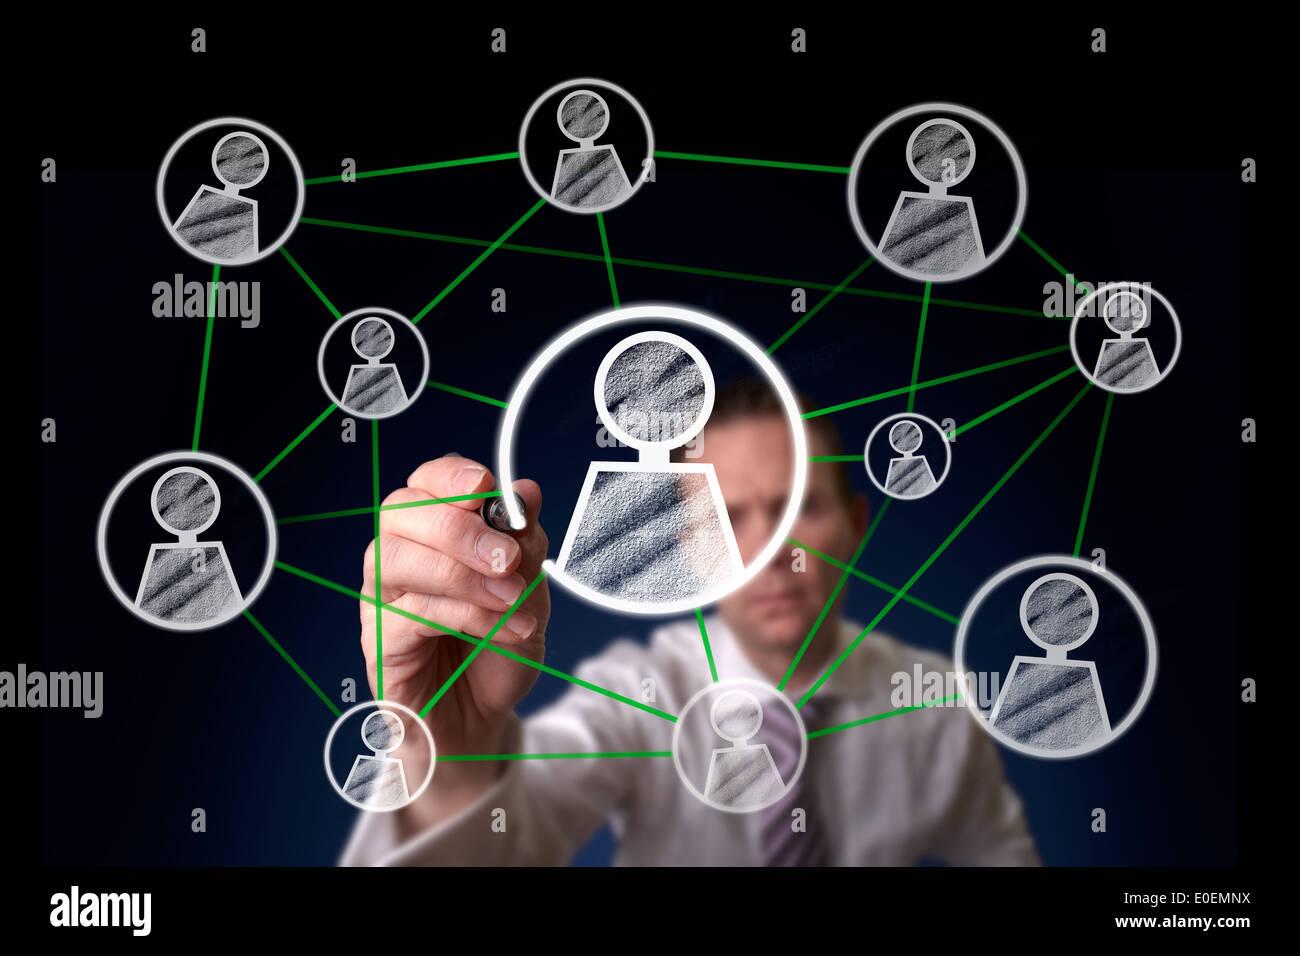 Un uomo il disegno di una rete sociale struttura su uno schermo. Immagini Stock